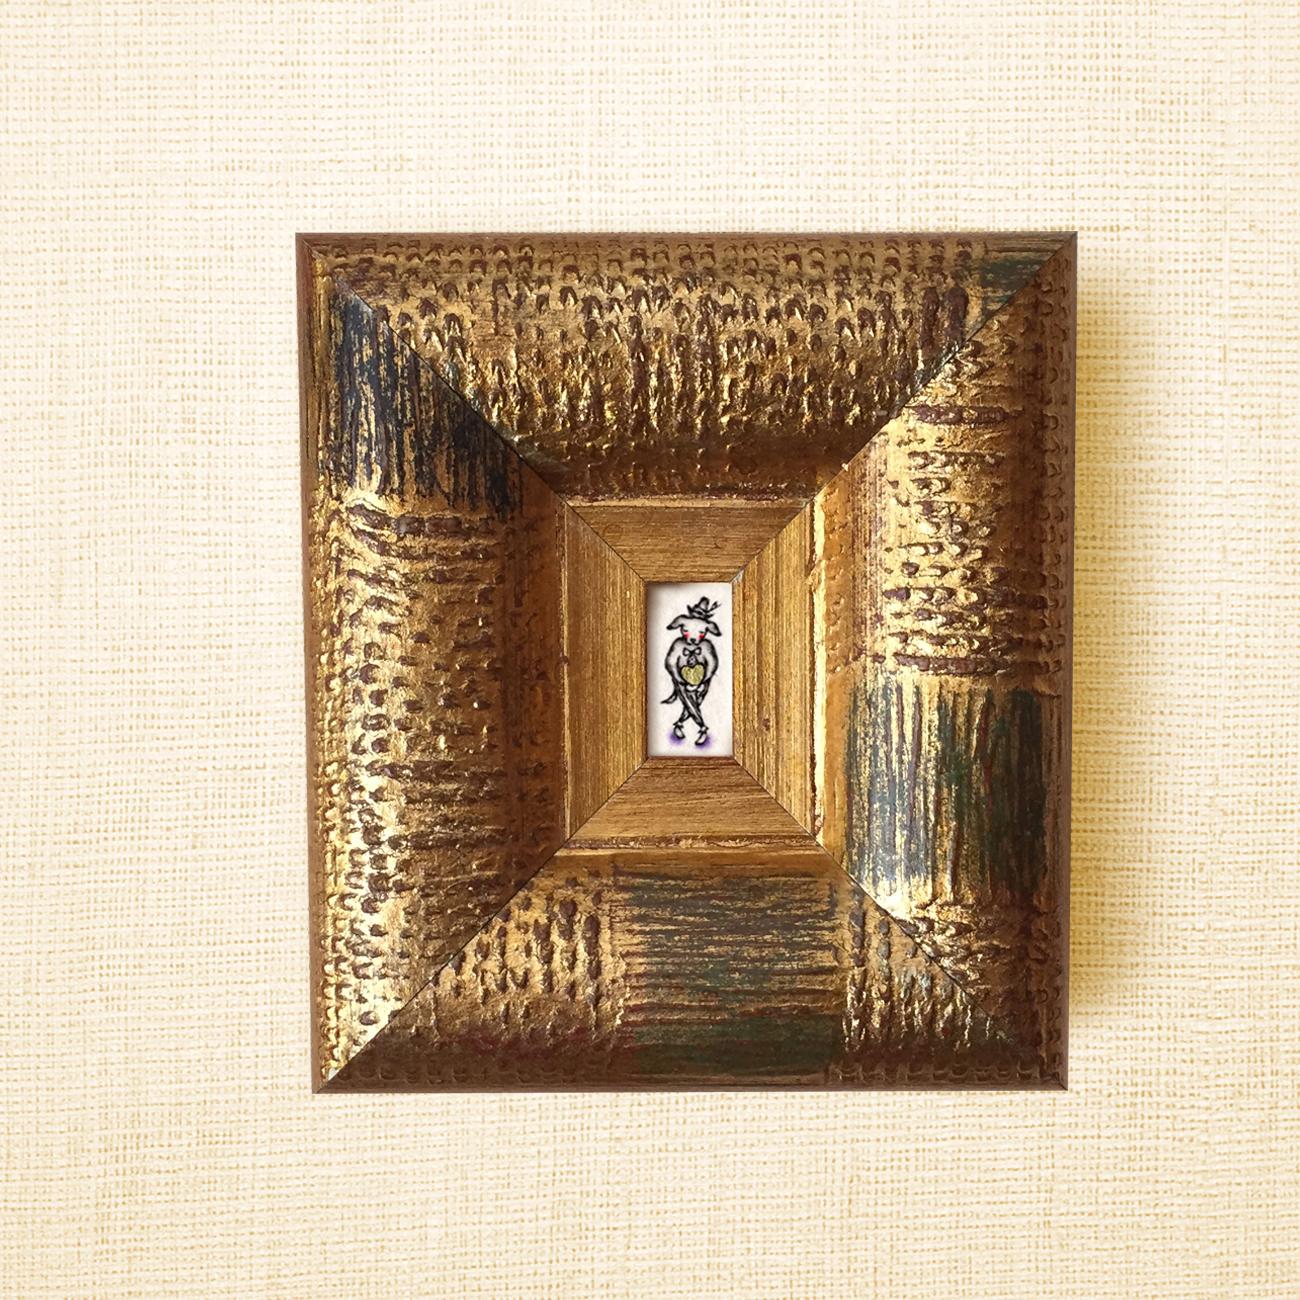 ミニ額縁 原画【 愛の配達人 】dog ver.  / small size frame